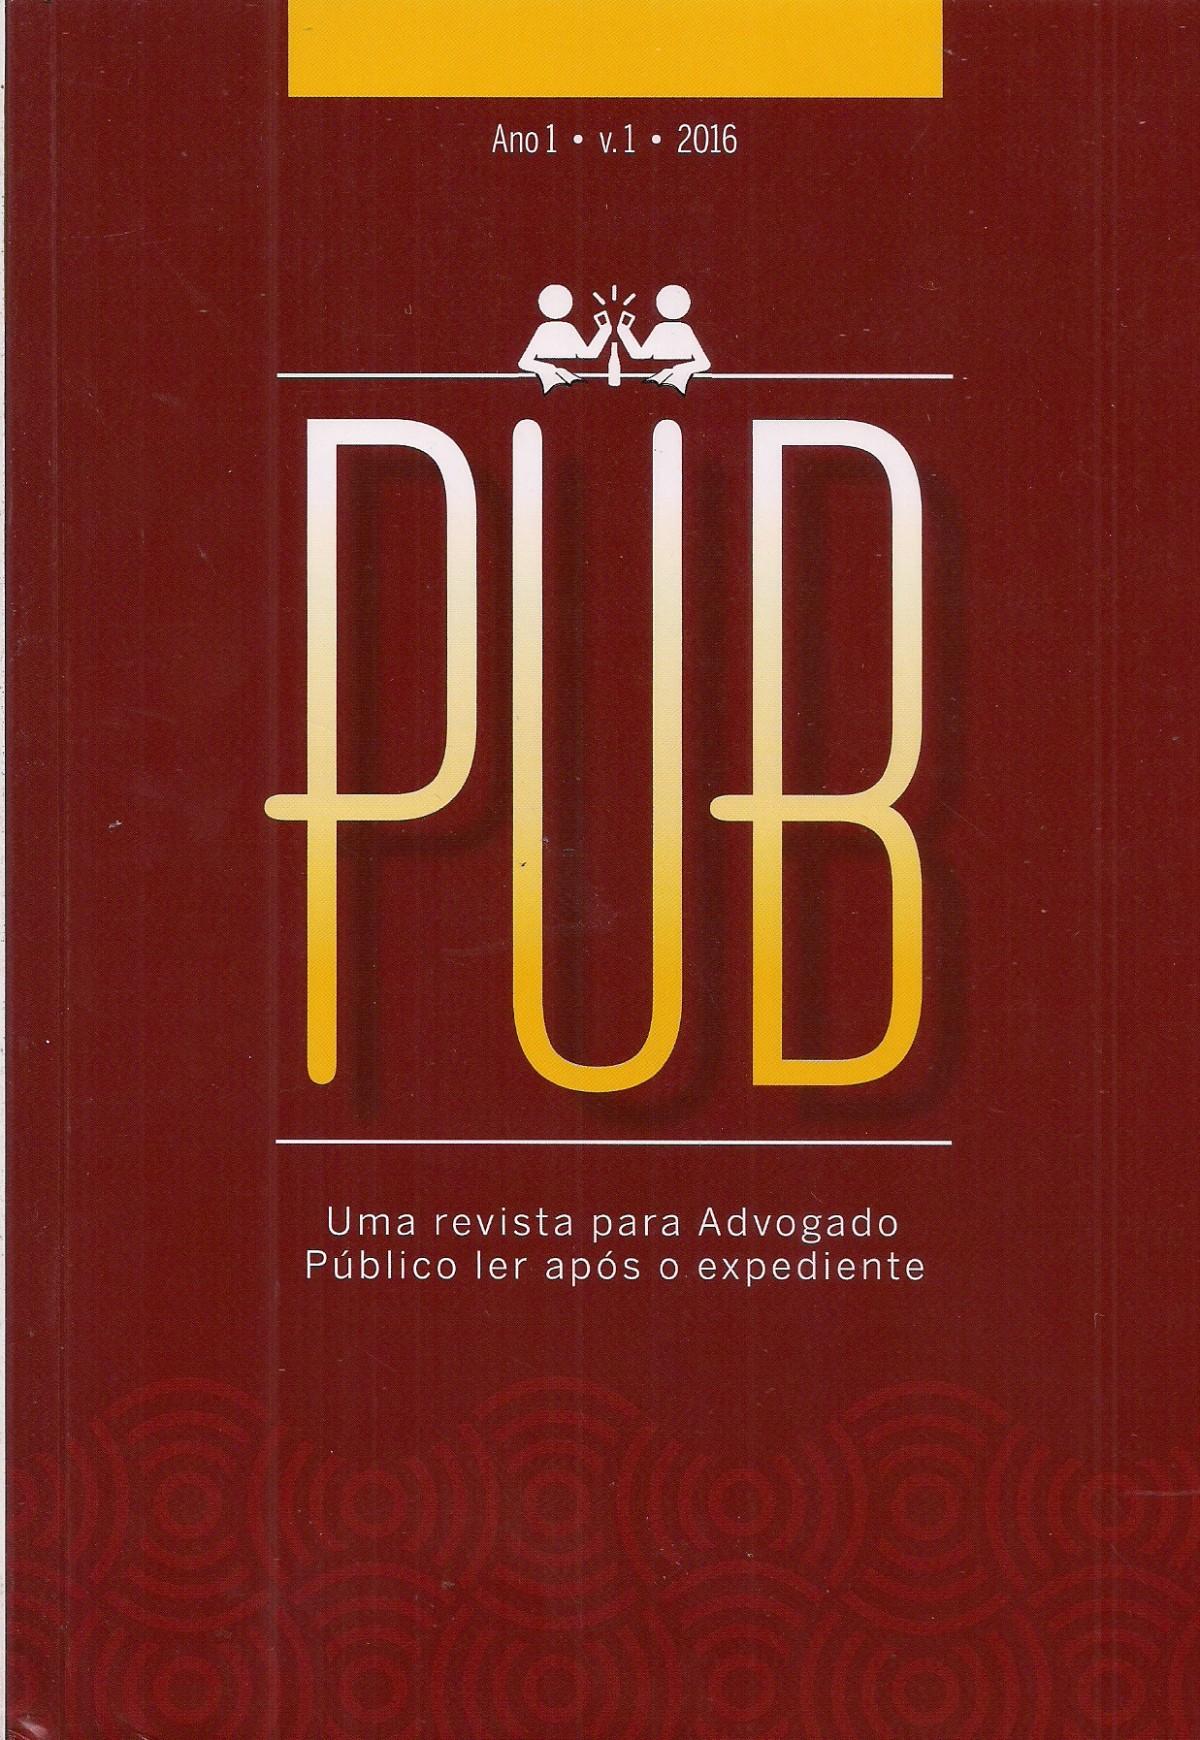 Foto 1 - Revista PUB 1 - Uma revista para Advogado Público ler após o expediente